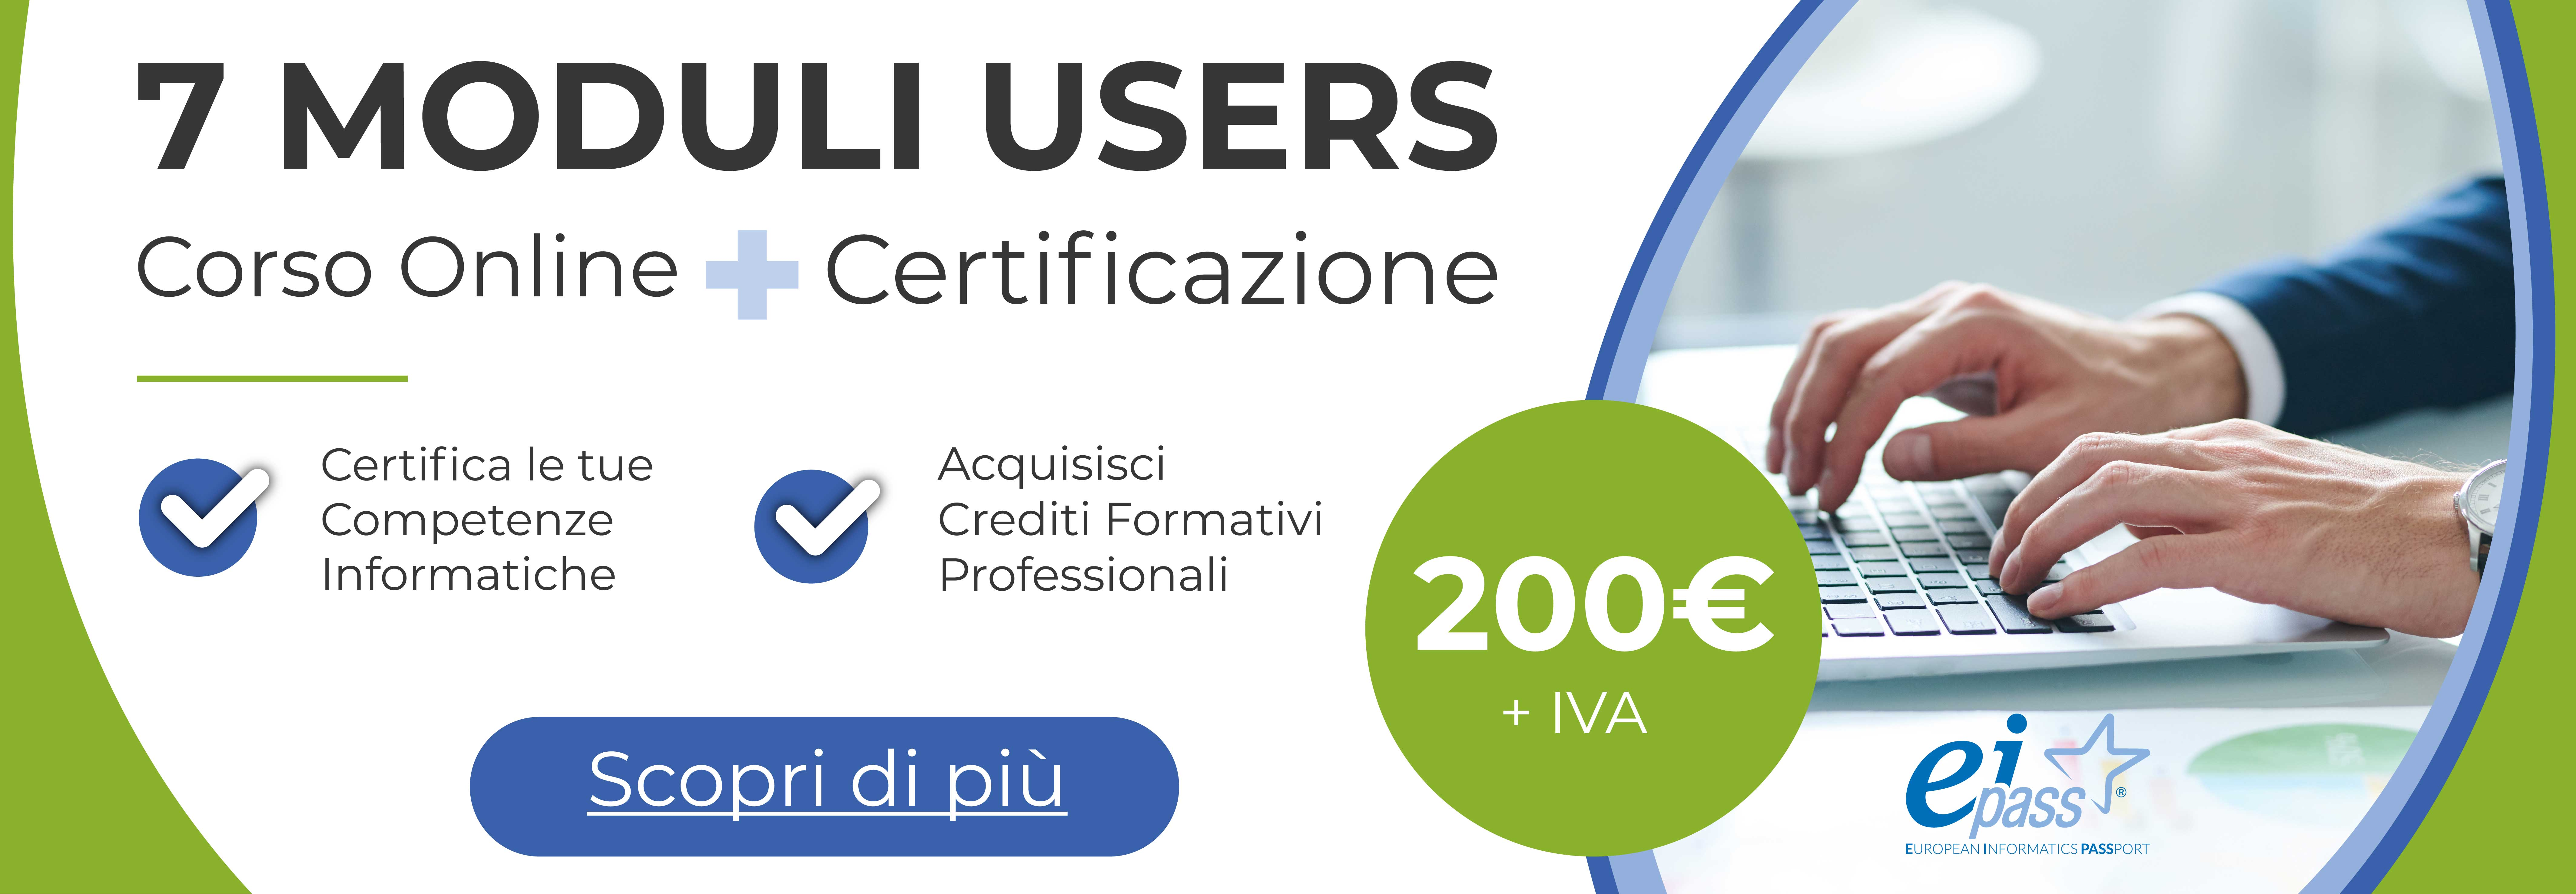 EIPASS 7 Moduli Users - Corso online + Certificazione